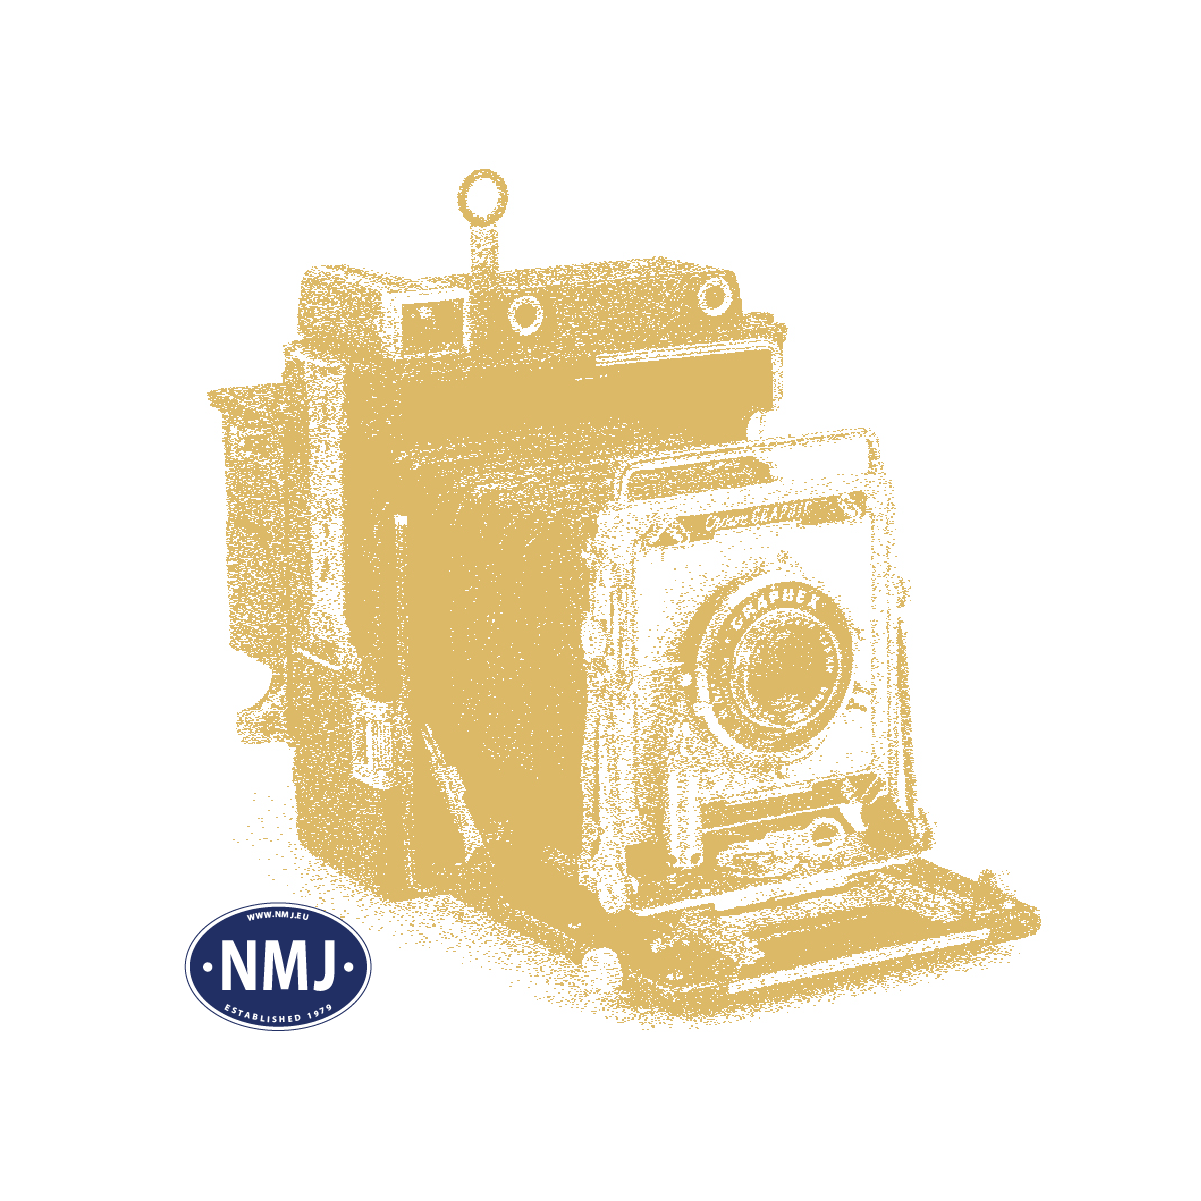 NMJST314548 - NMJ Superline NSB Stakevogn T3 14548